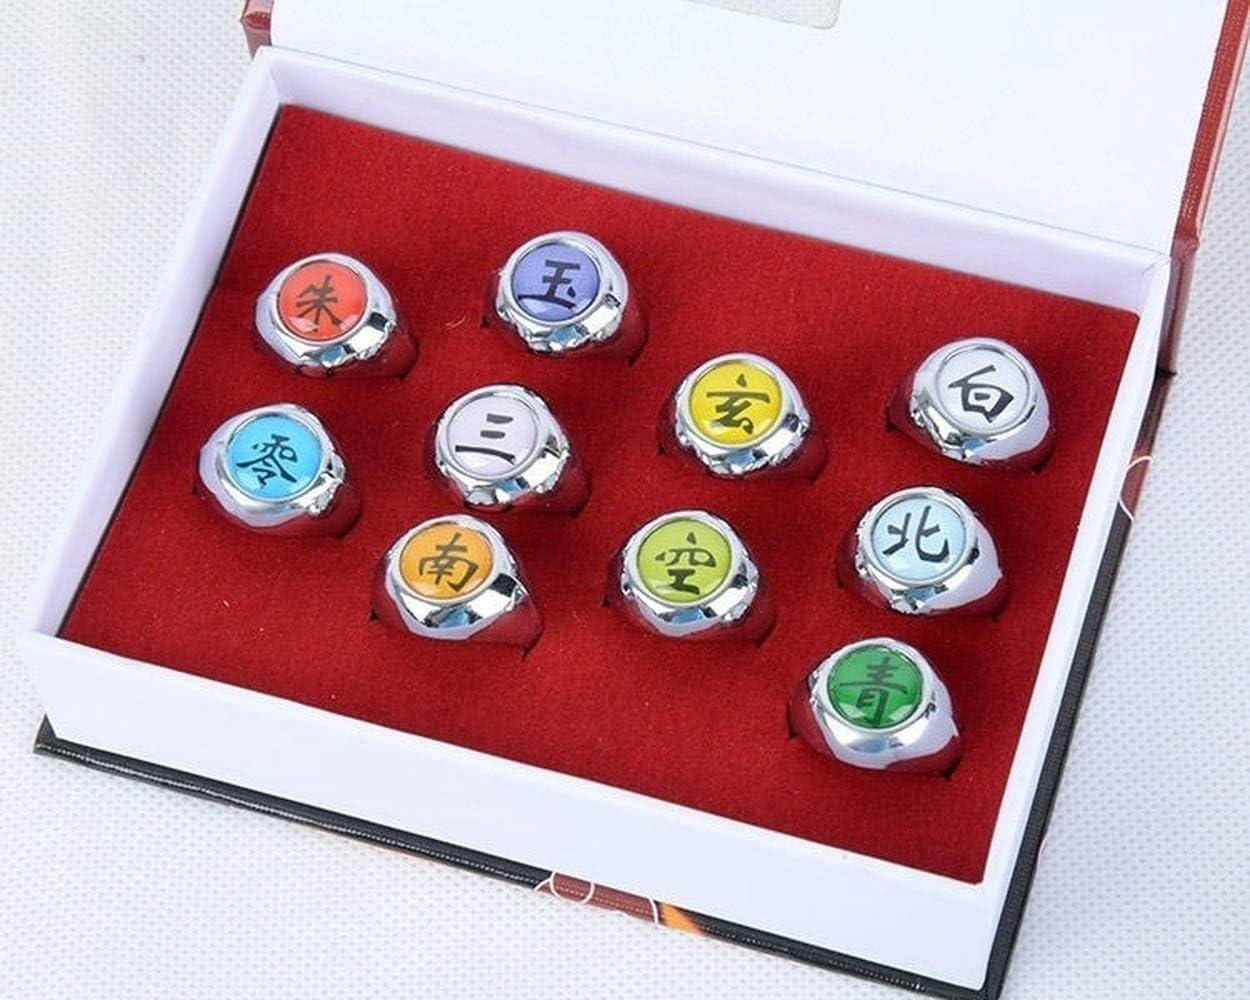 10 Pcs Naruto Rings Naruto Akatsuki Cosplay Members Ring Set New in Box